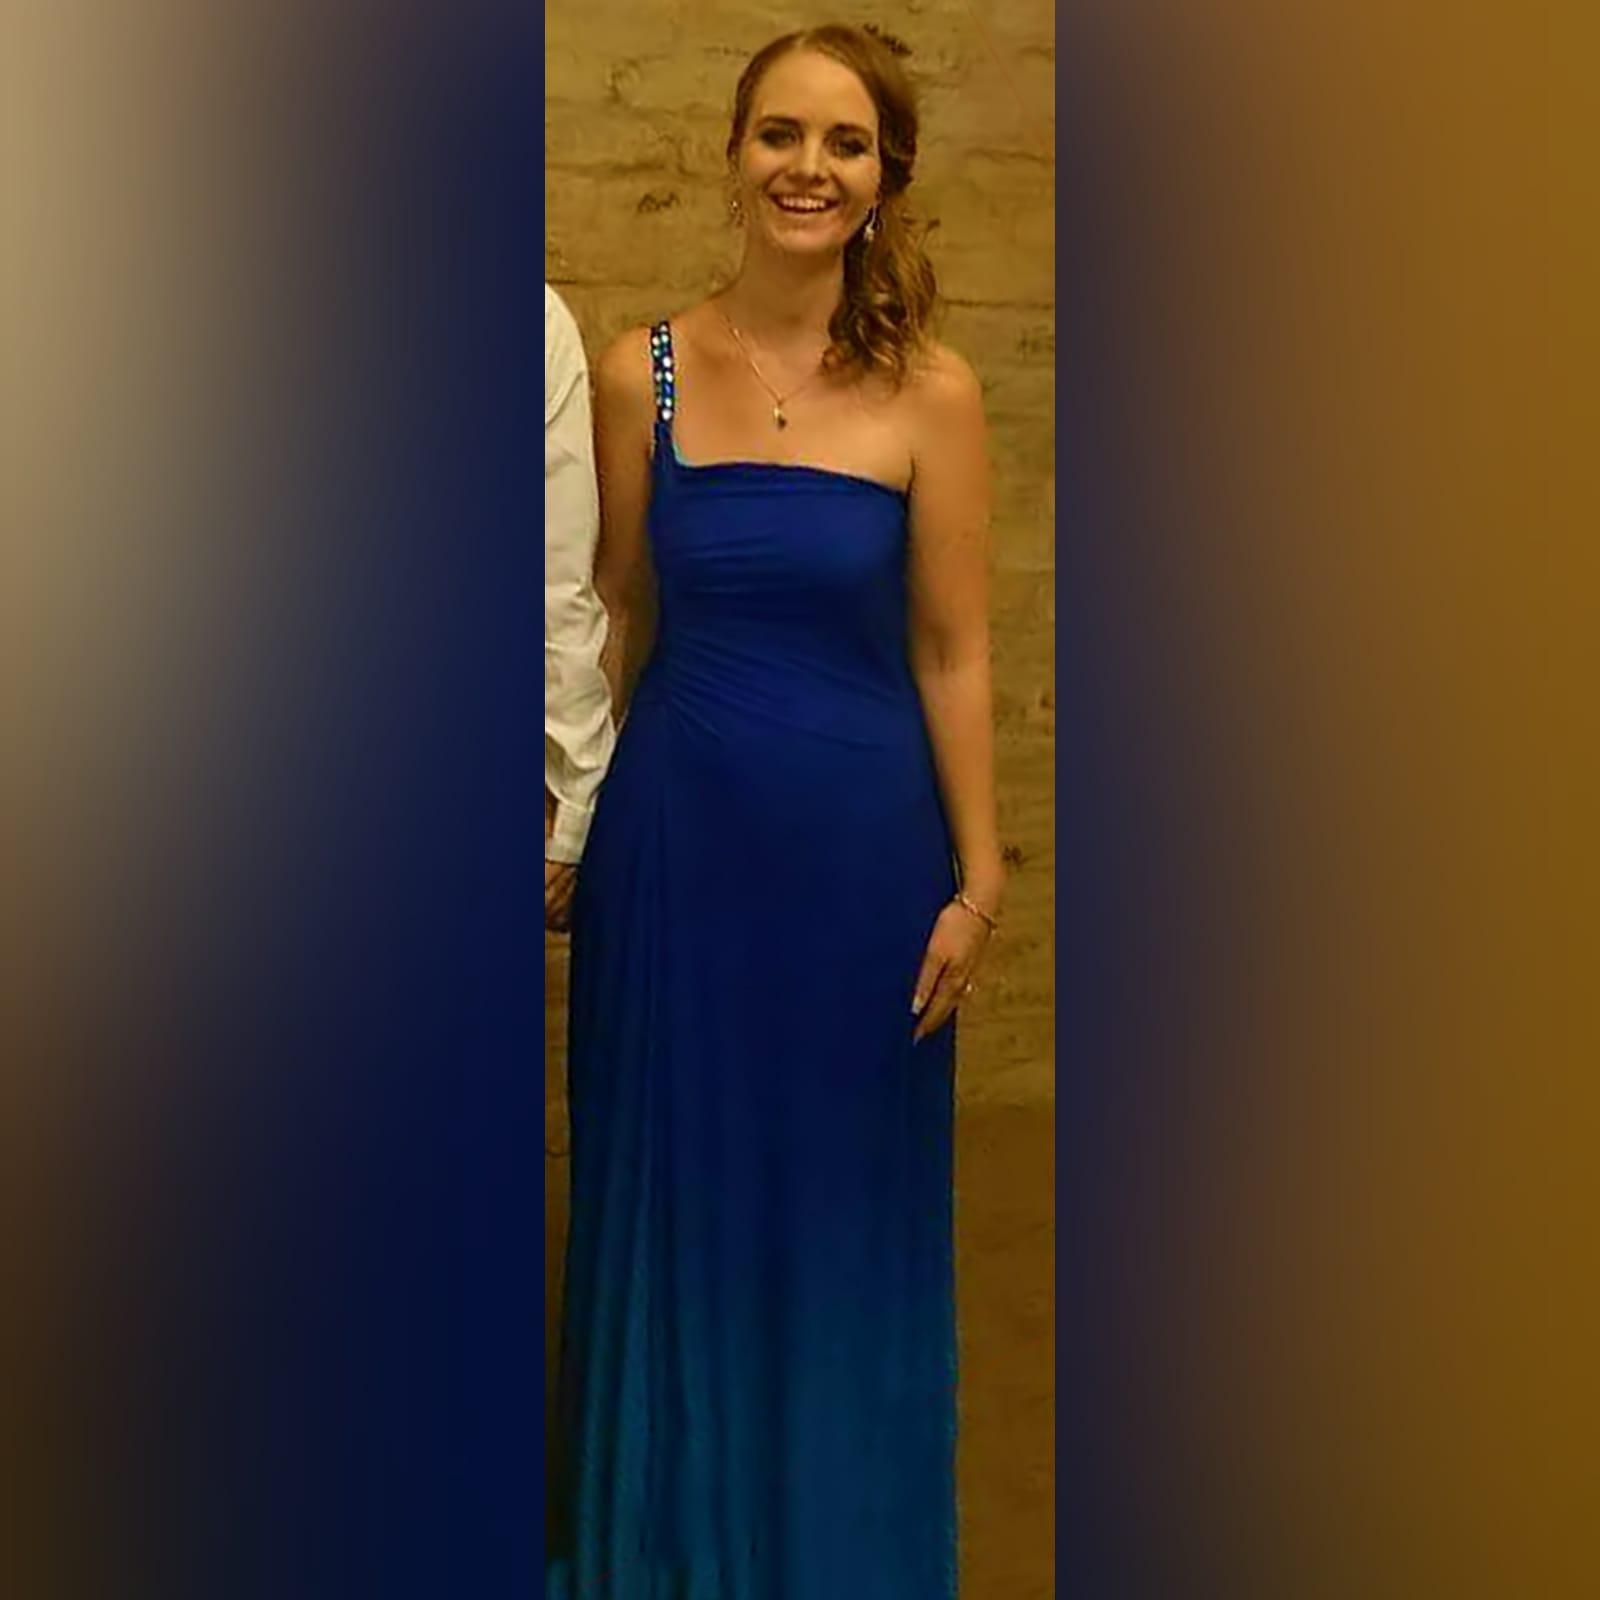 Vestido de dama de honra em sombra de azul 2 vestido de dama de honra em sombra de azul, com um único ombro com talões